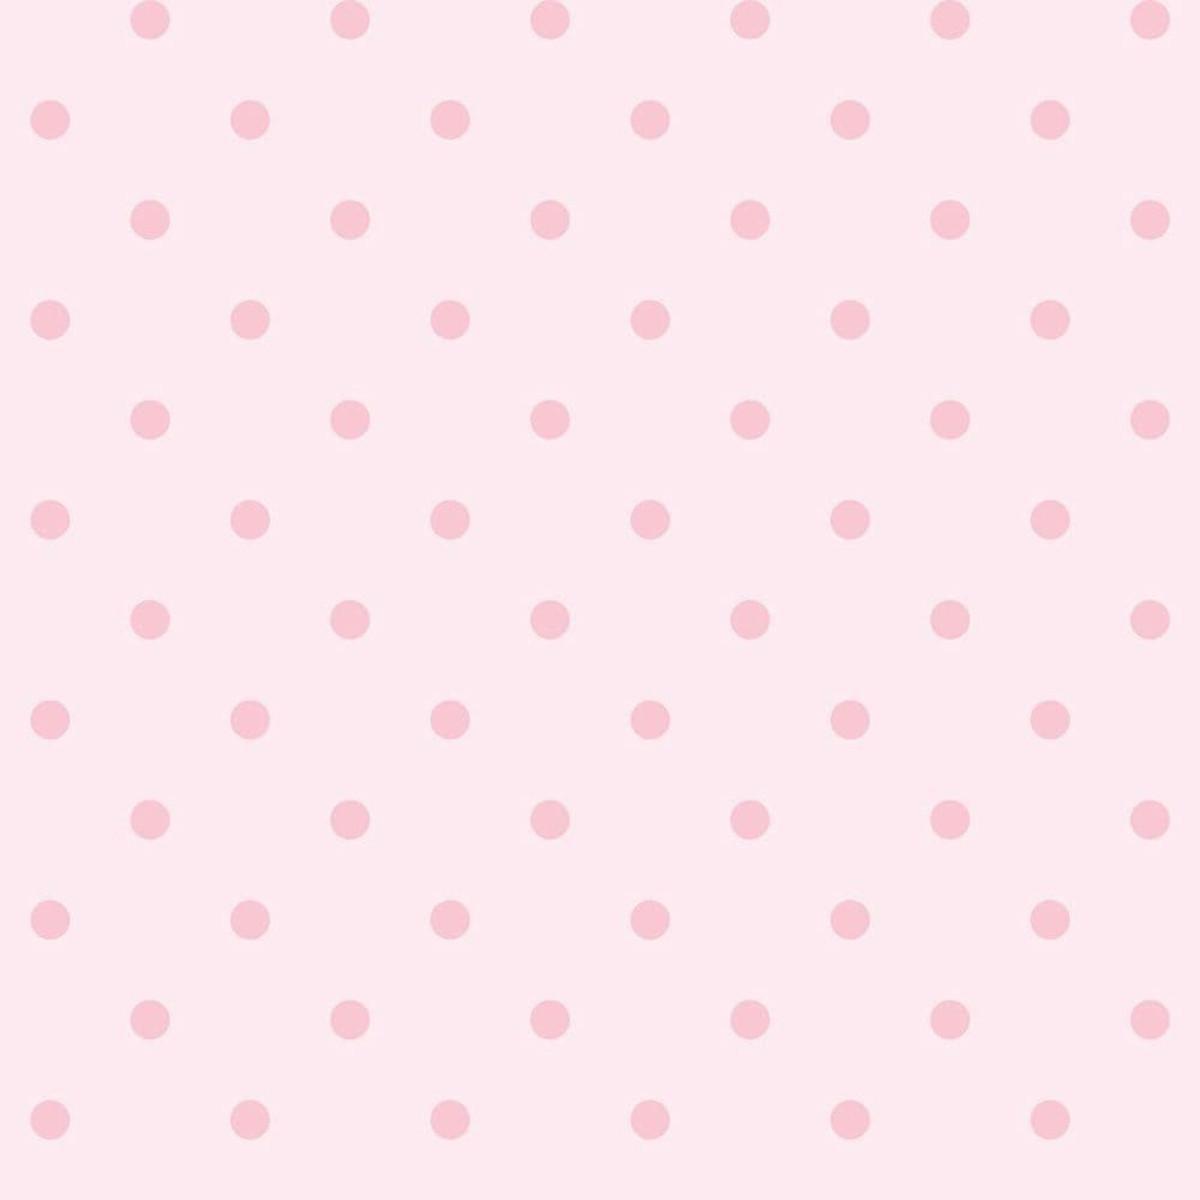 Обои флизелиновые Parato Favola розовые 0.53 м 3251